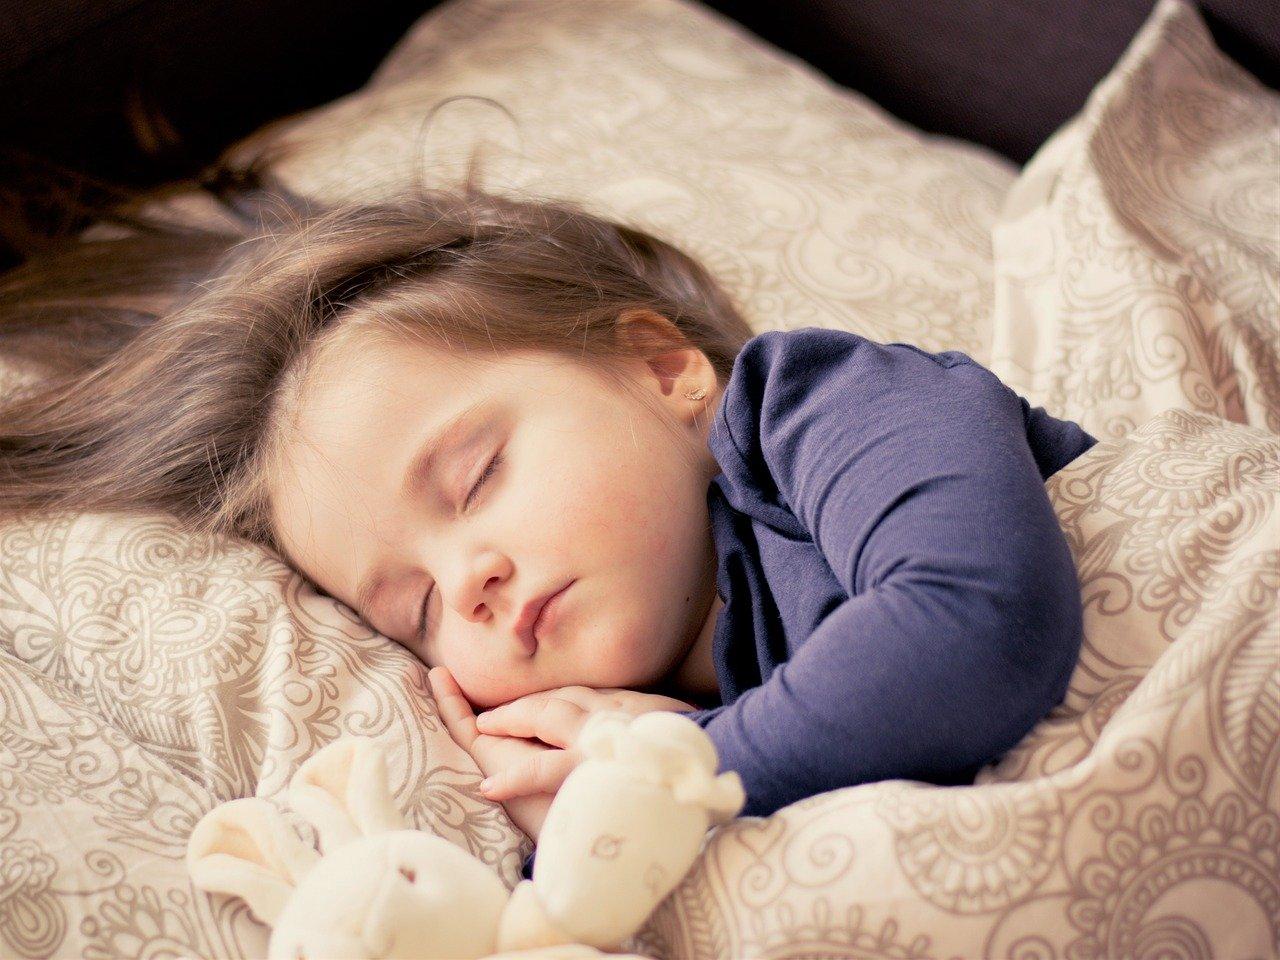 【実録・掃除好き必見】健康のために敷布団やめたら、2回の失敗を経て「最強のベッド」を見つけました